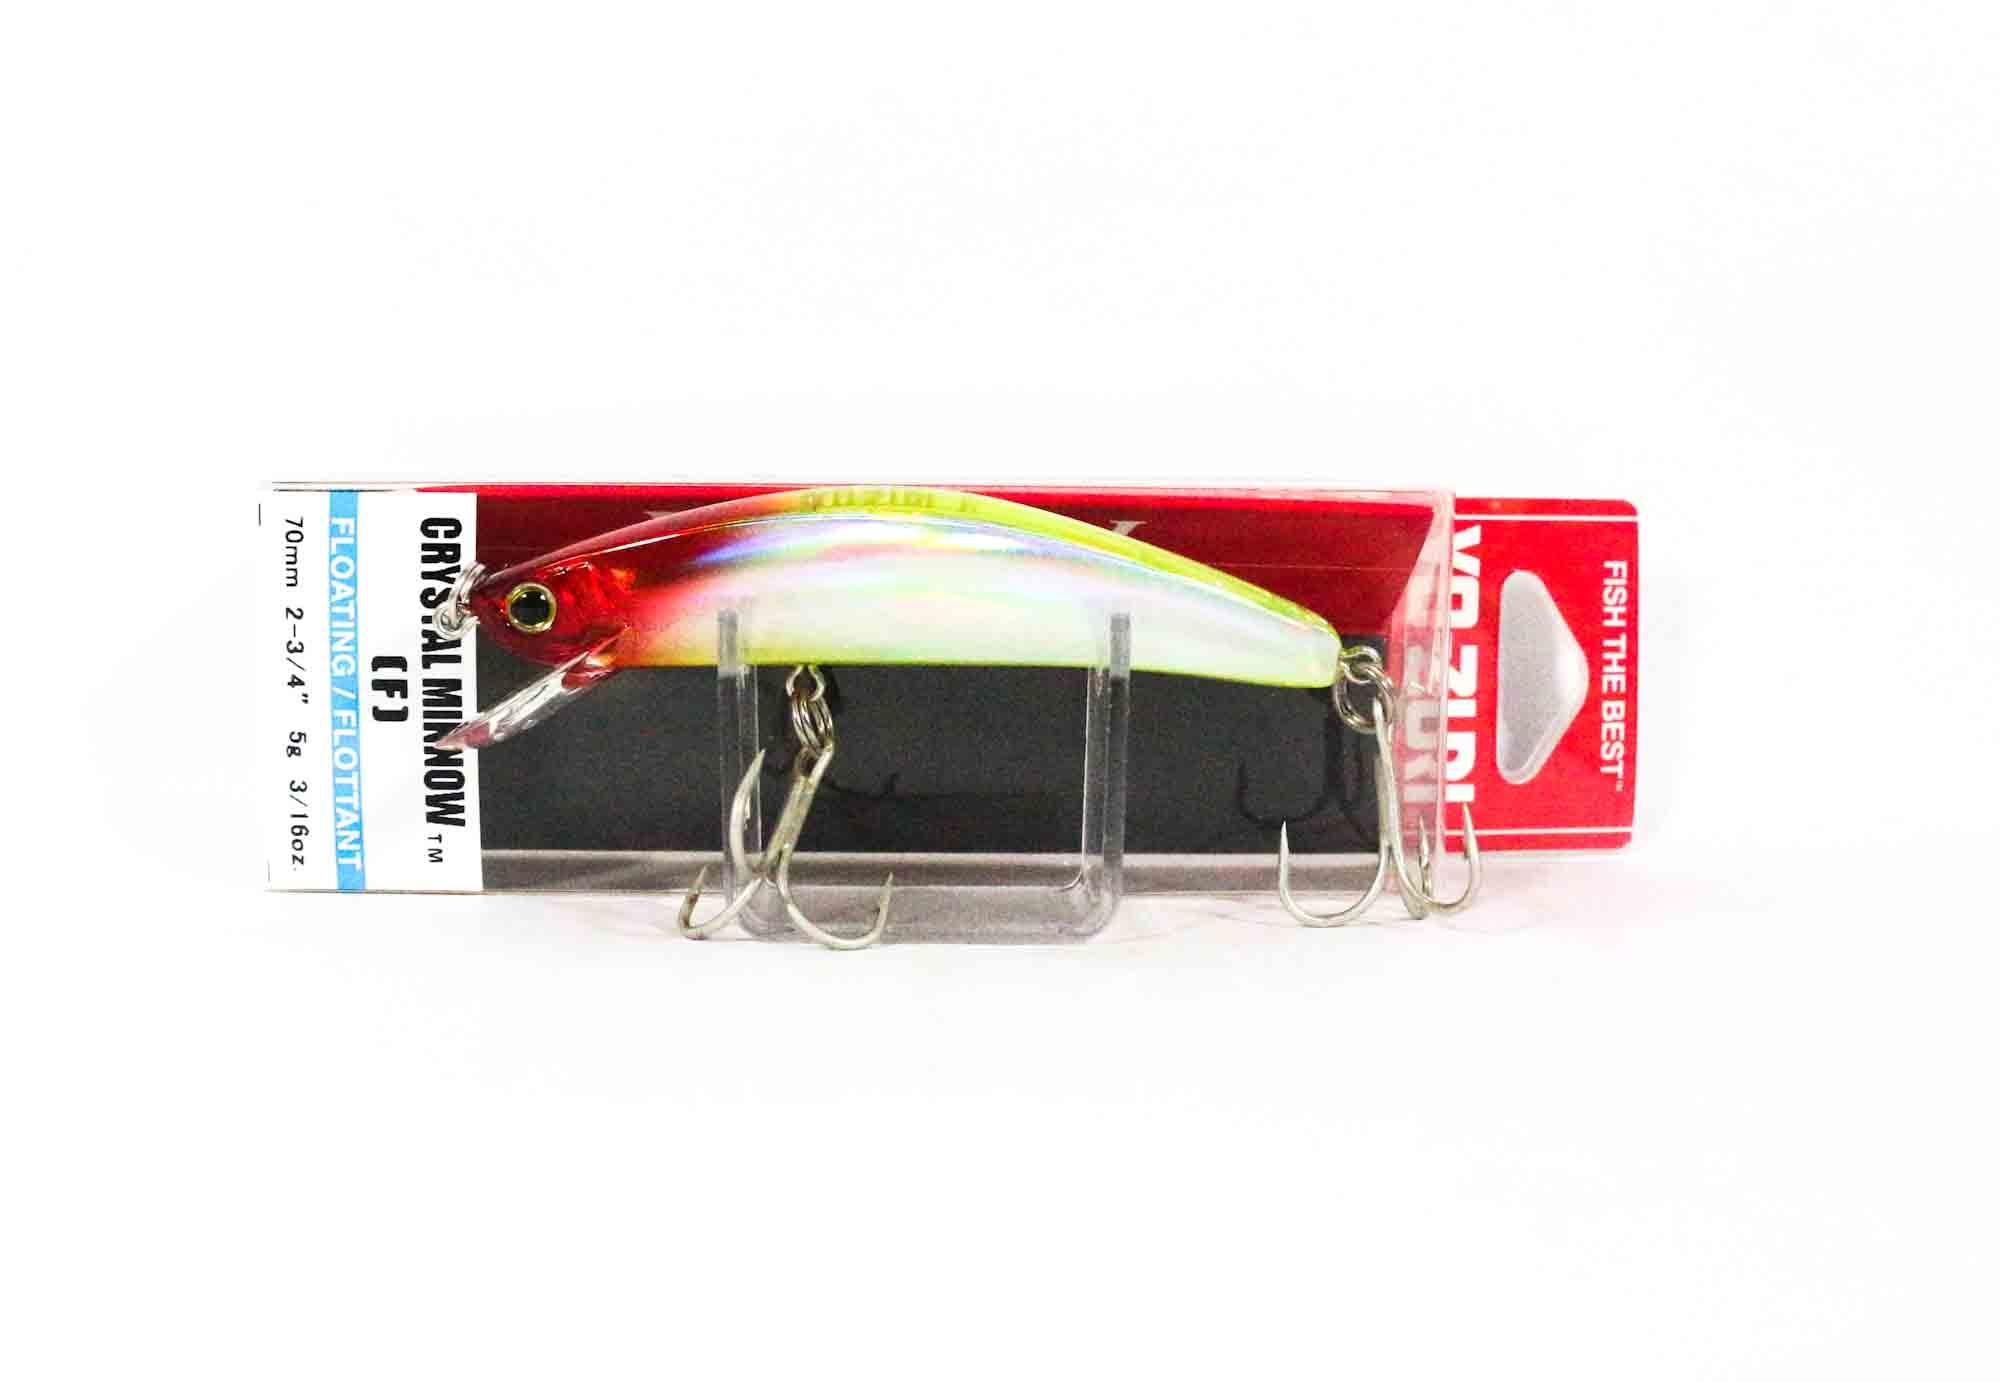 Yo Zuri Crystal Minnow 70 mm Floating Lure R1122-HCR 1663